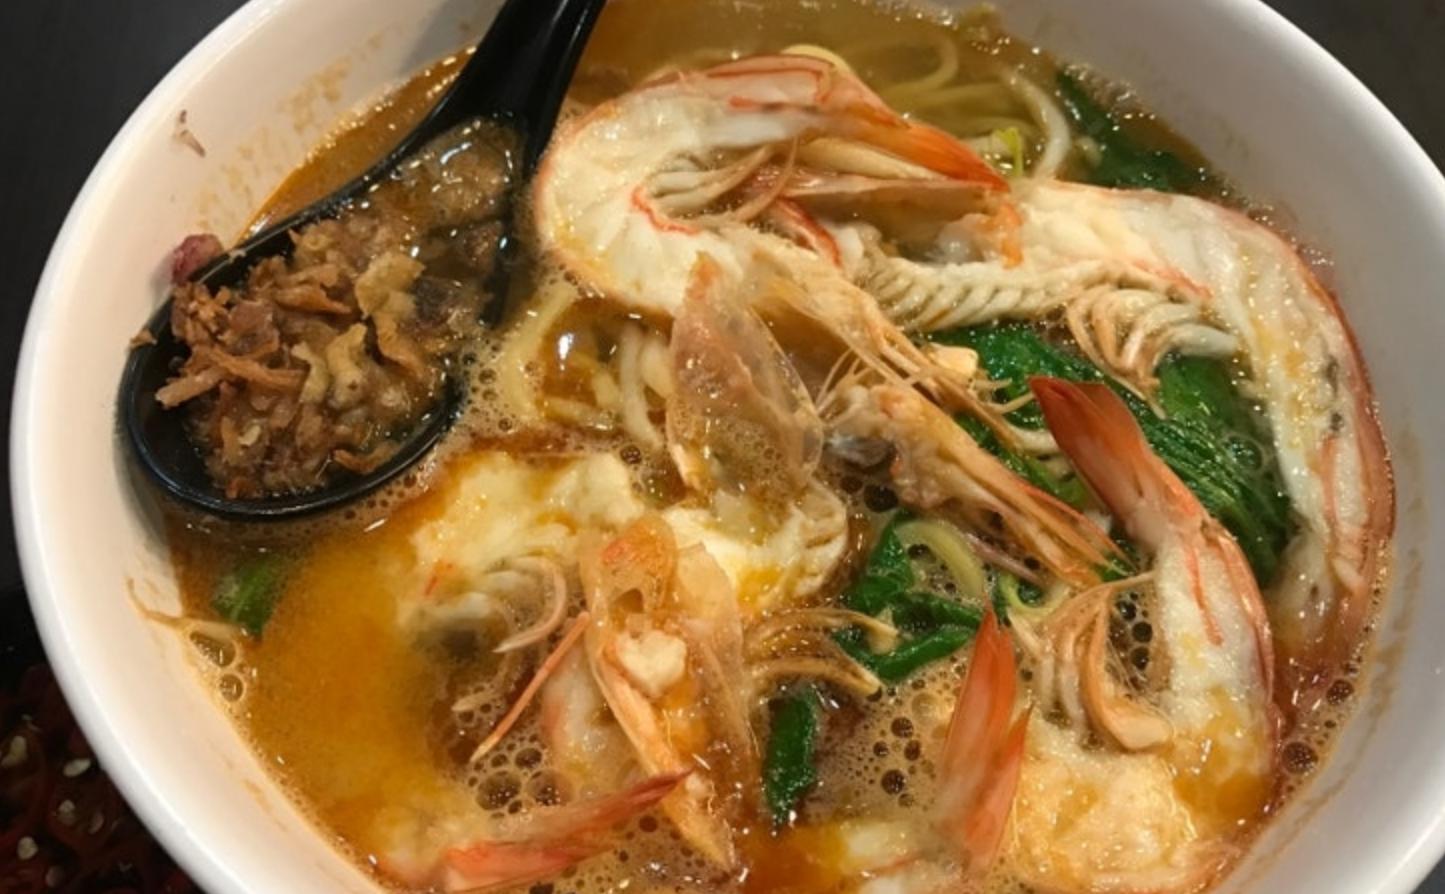 プラウンミー | シンガポール在住KOKOAさんのおすすめ料理・食べ物